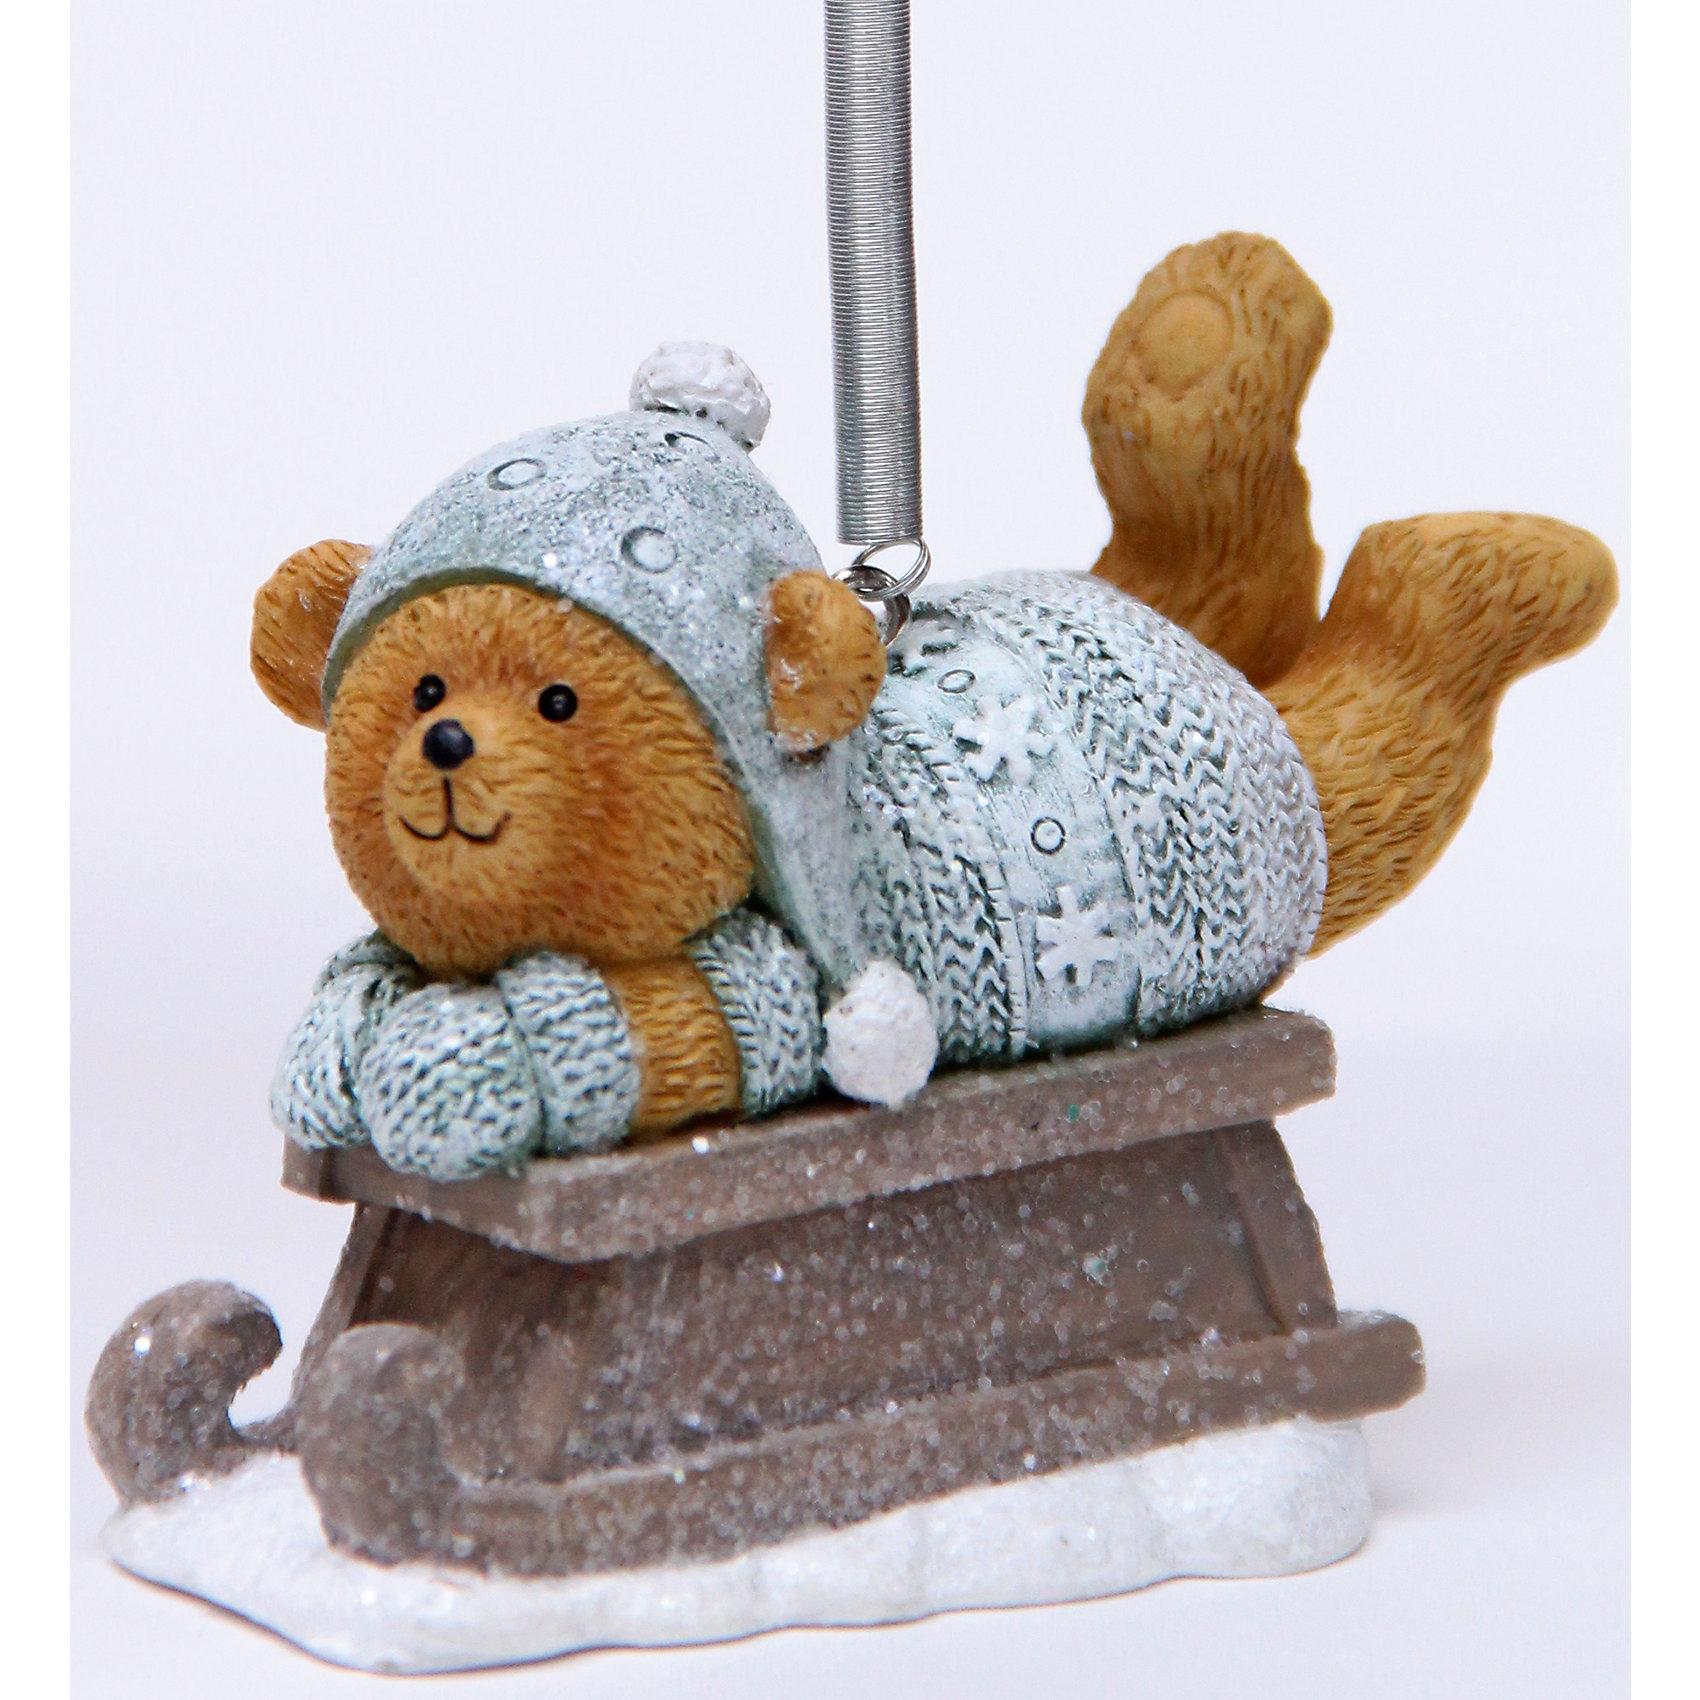 Украшение Медвежонок на салазкахВсё для праздника<br>Новый год - самый любимый праздник у многих детей и взрослых. Праздничное настроение создает в первую очередь украшенный дом и, особенно, наряженная ёлка. Будь она из леса или искусственная - такая подвесная игрушка украсит любую!<br>Она сделана из безопасного для детей, прочного, но легкого, материала, поэтому не разобьется, упав на пол. Благодаря расцветке украшение отлично смотрится на ёлке. Создайте с ним праздничное настроение себе и близким!<br><br>Дополнительная информация:<br><br>цвет: разноцветный;<br>материал: полирезина;<br>размер: 6 х 4 х 8 см.<br><br>Украшение Медвежонок на салазках можно купить в нашем магазине.<br><br>Ширина мм: 150<br>Глубина мм: 150<br>Высота мм: 60<br>Вес г: 78<br>Возраст от месяцев: 36<br>Возраст до месяцев: 2147483647<br>Пол: Унисекс<br>Возраст: Детский<br>SKU: 4981699